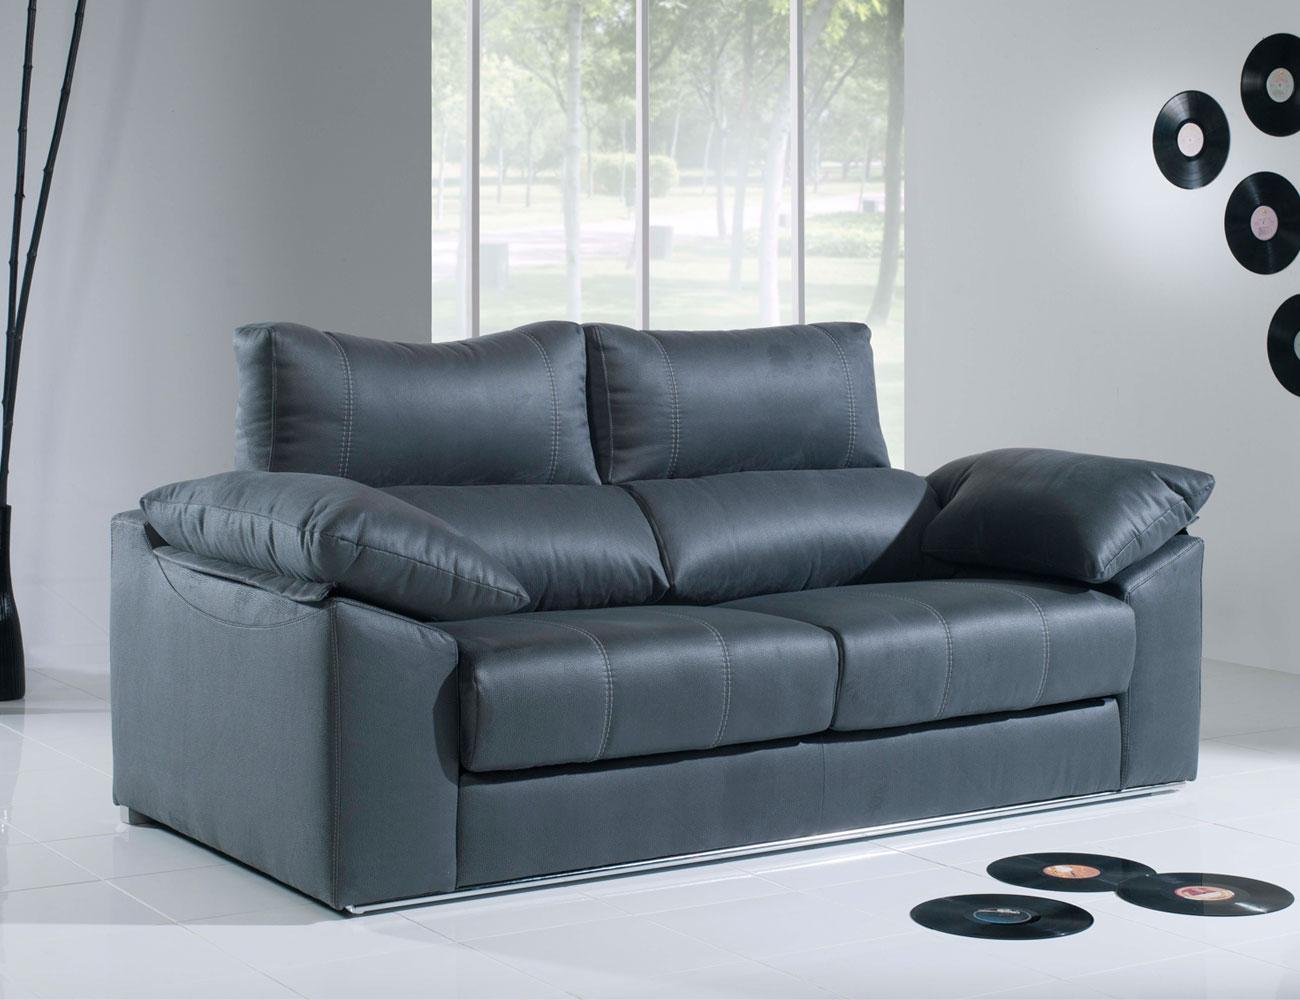 Sofa 3 plazas moderno con barra29